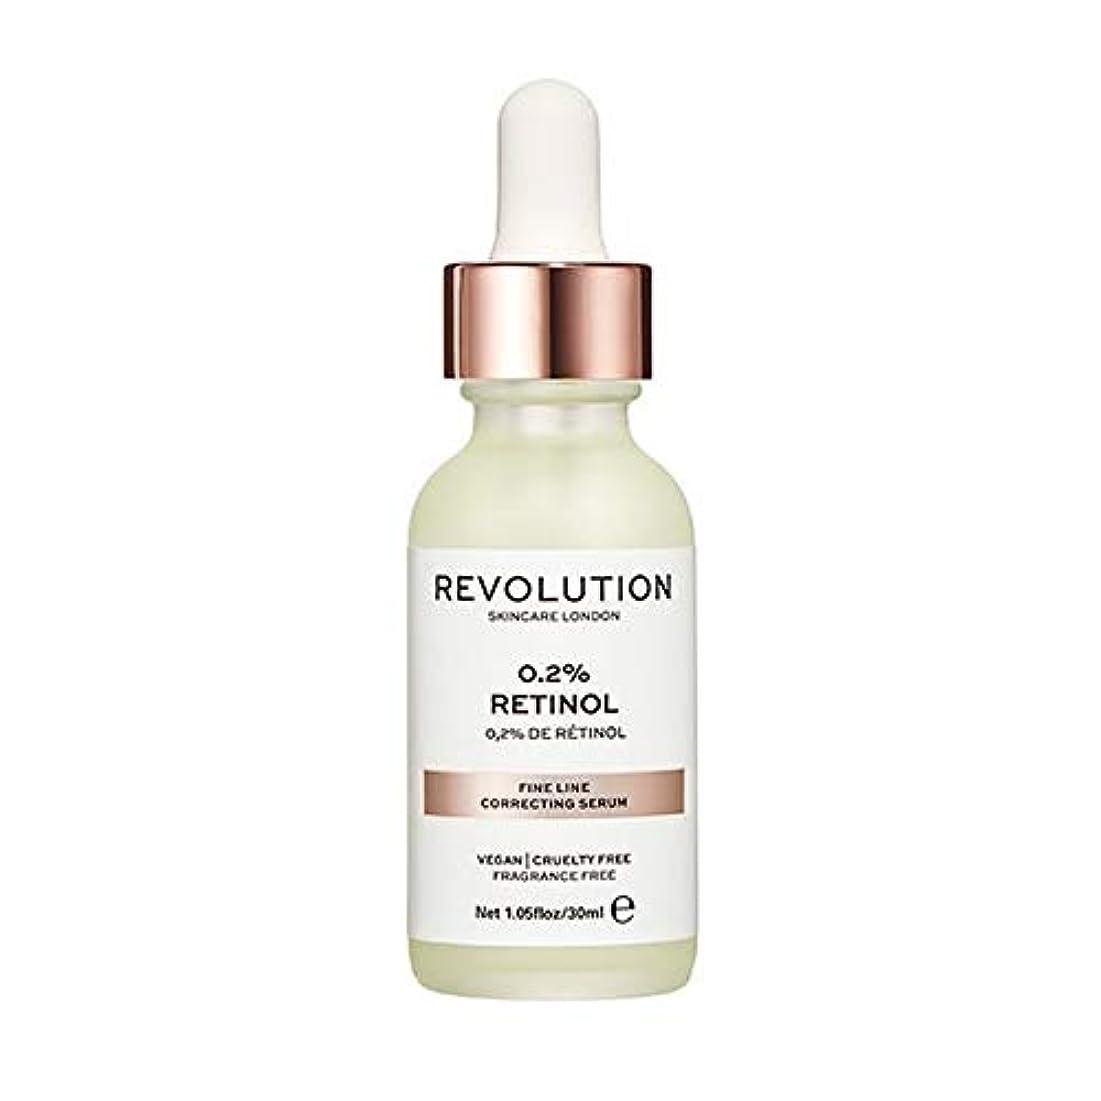 スマート割合合図[Revolution] 革命のスキンケア細線補正した血清 - Revolution Skincare Fine Line Correcting Serum [並行輸入品]